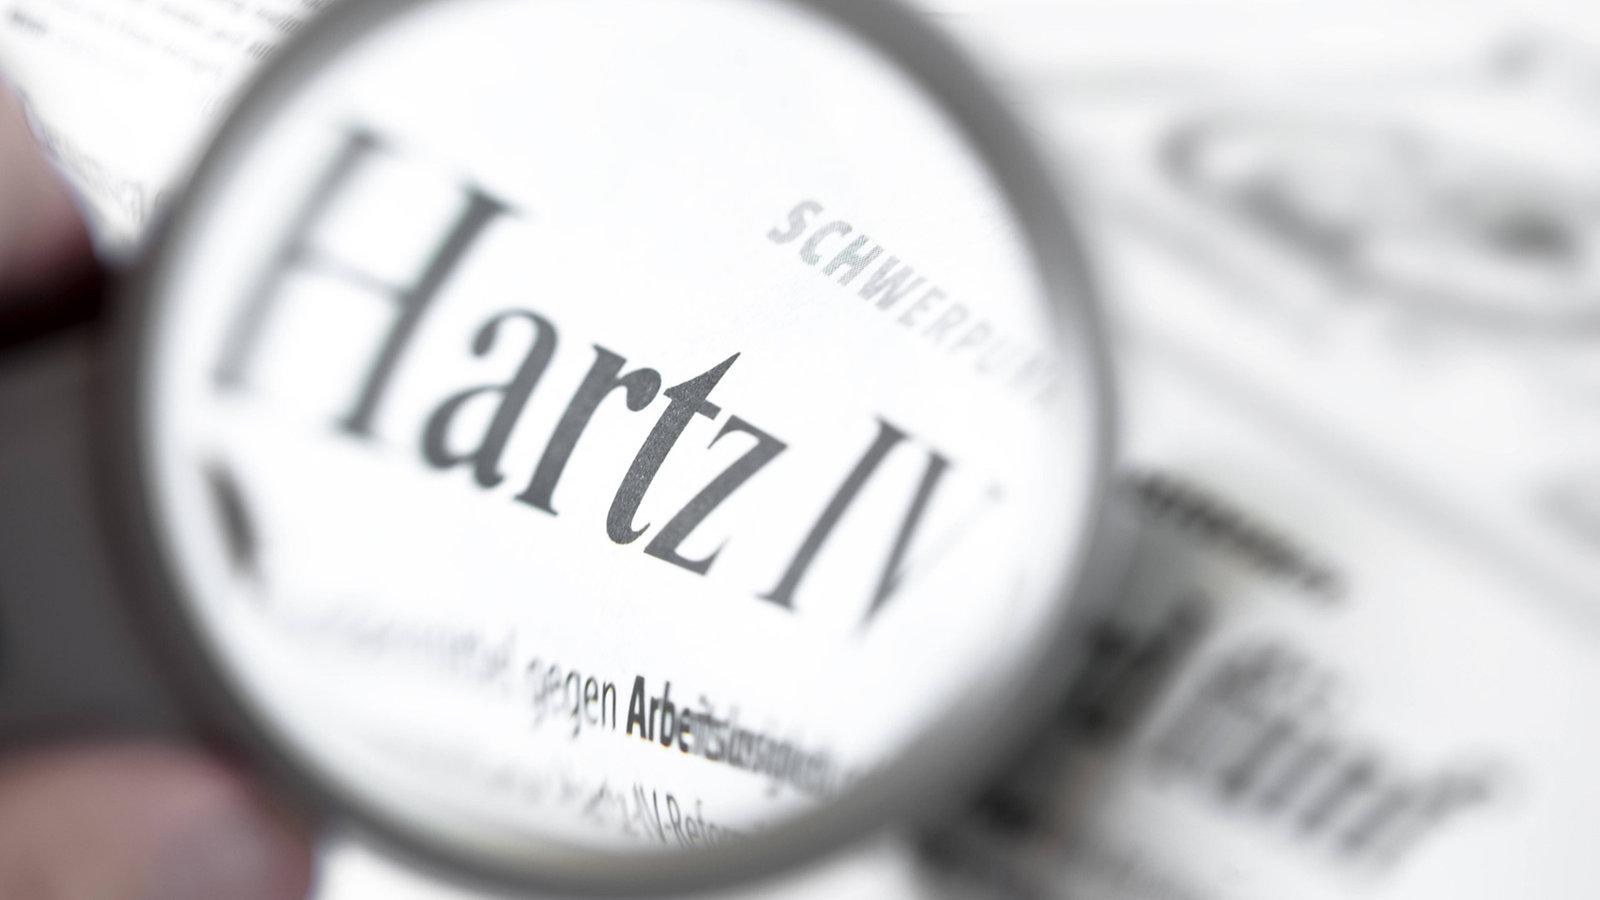 La Germania ridiscute il 'reddito di cittadinanza' Hartz IV: cosa non funziona della misura contro la povertà